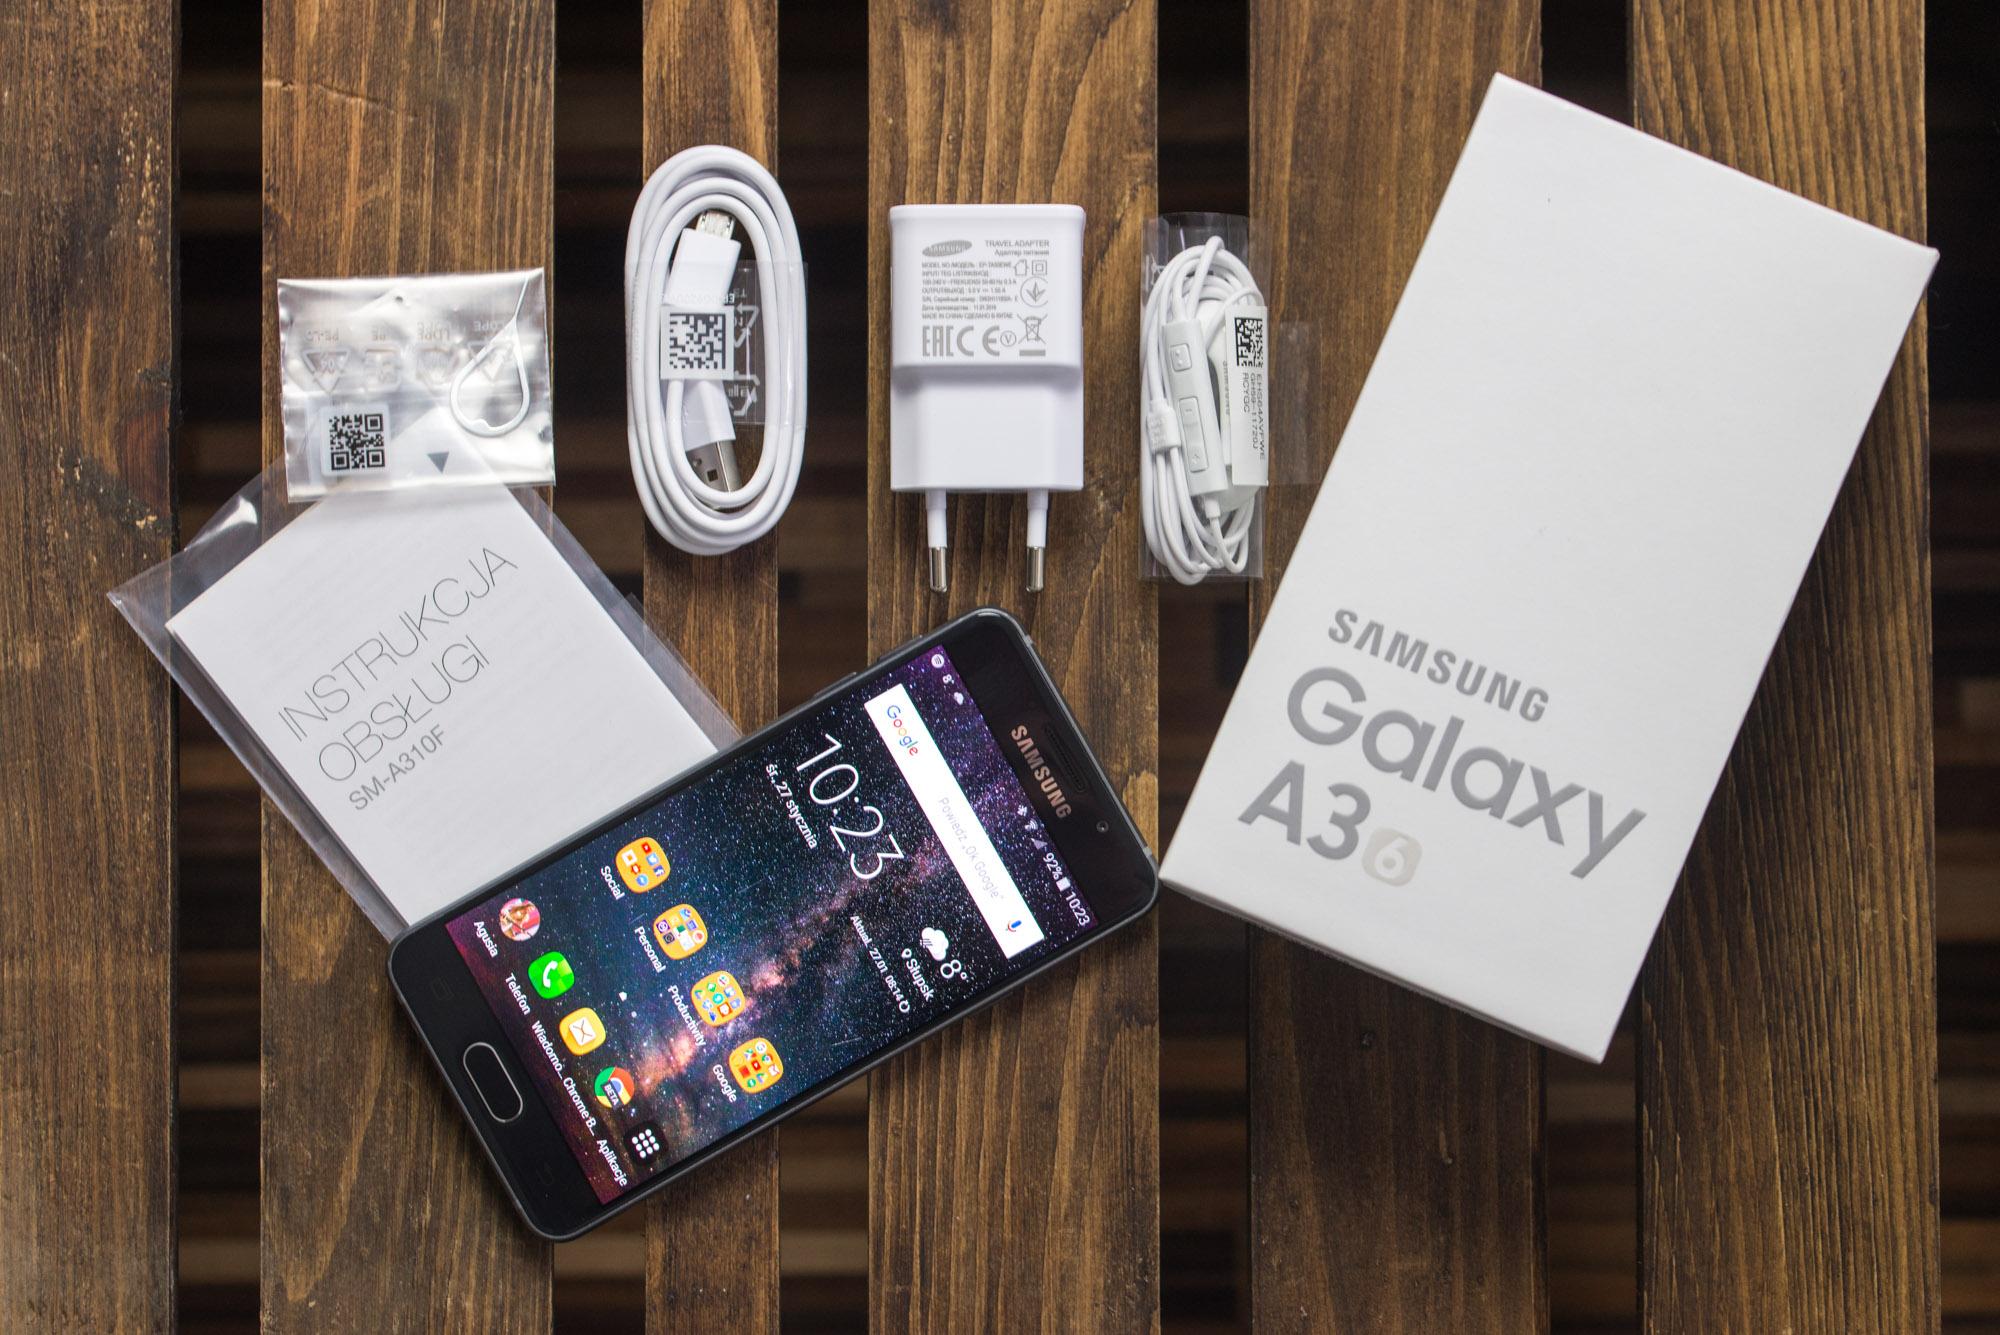 Samsung-galaxy-a3-2016-4